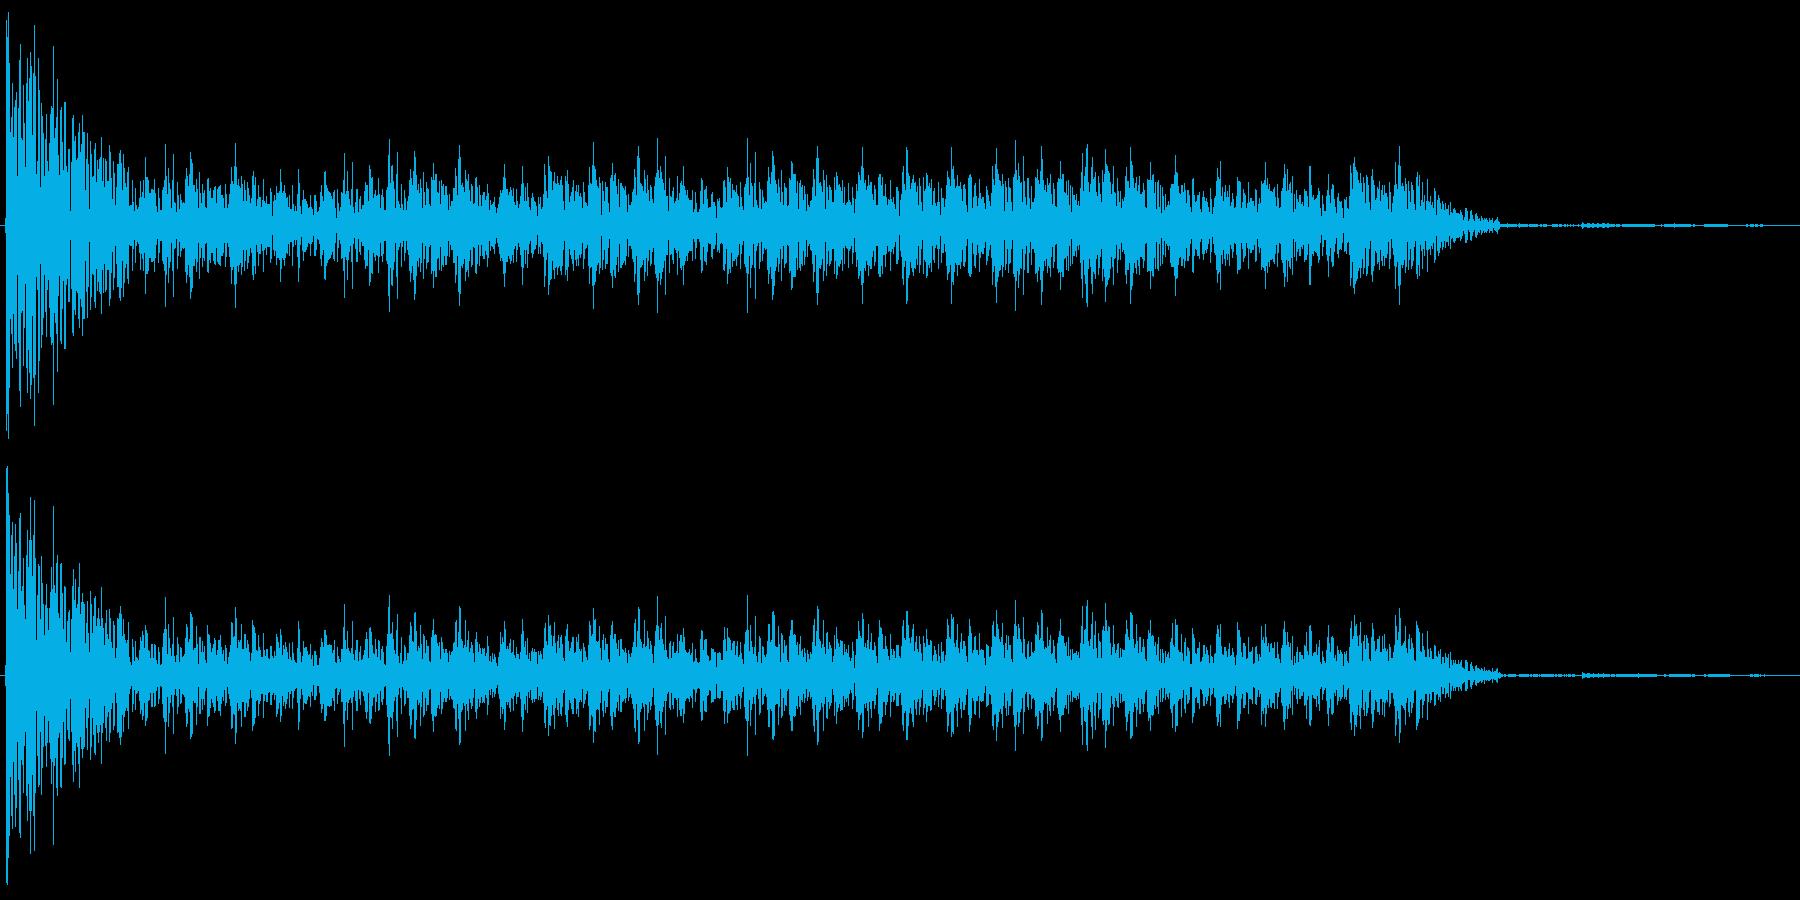 ドコドコドコドコ…(和太鼓、ロール)の再生済みの波形